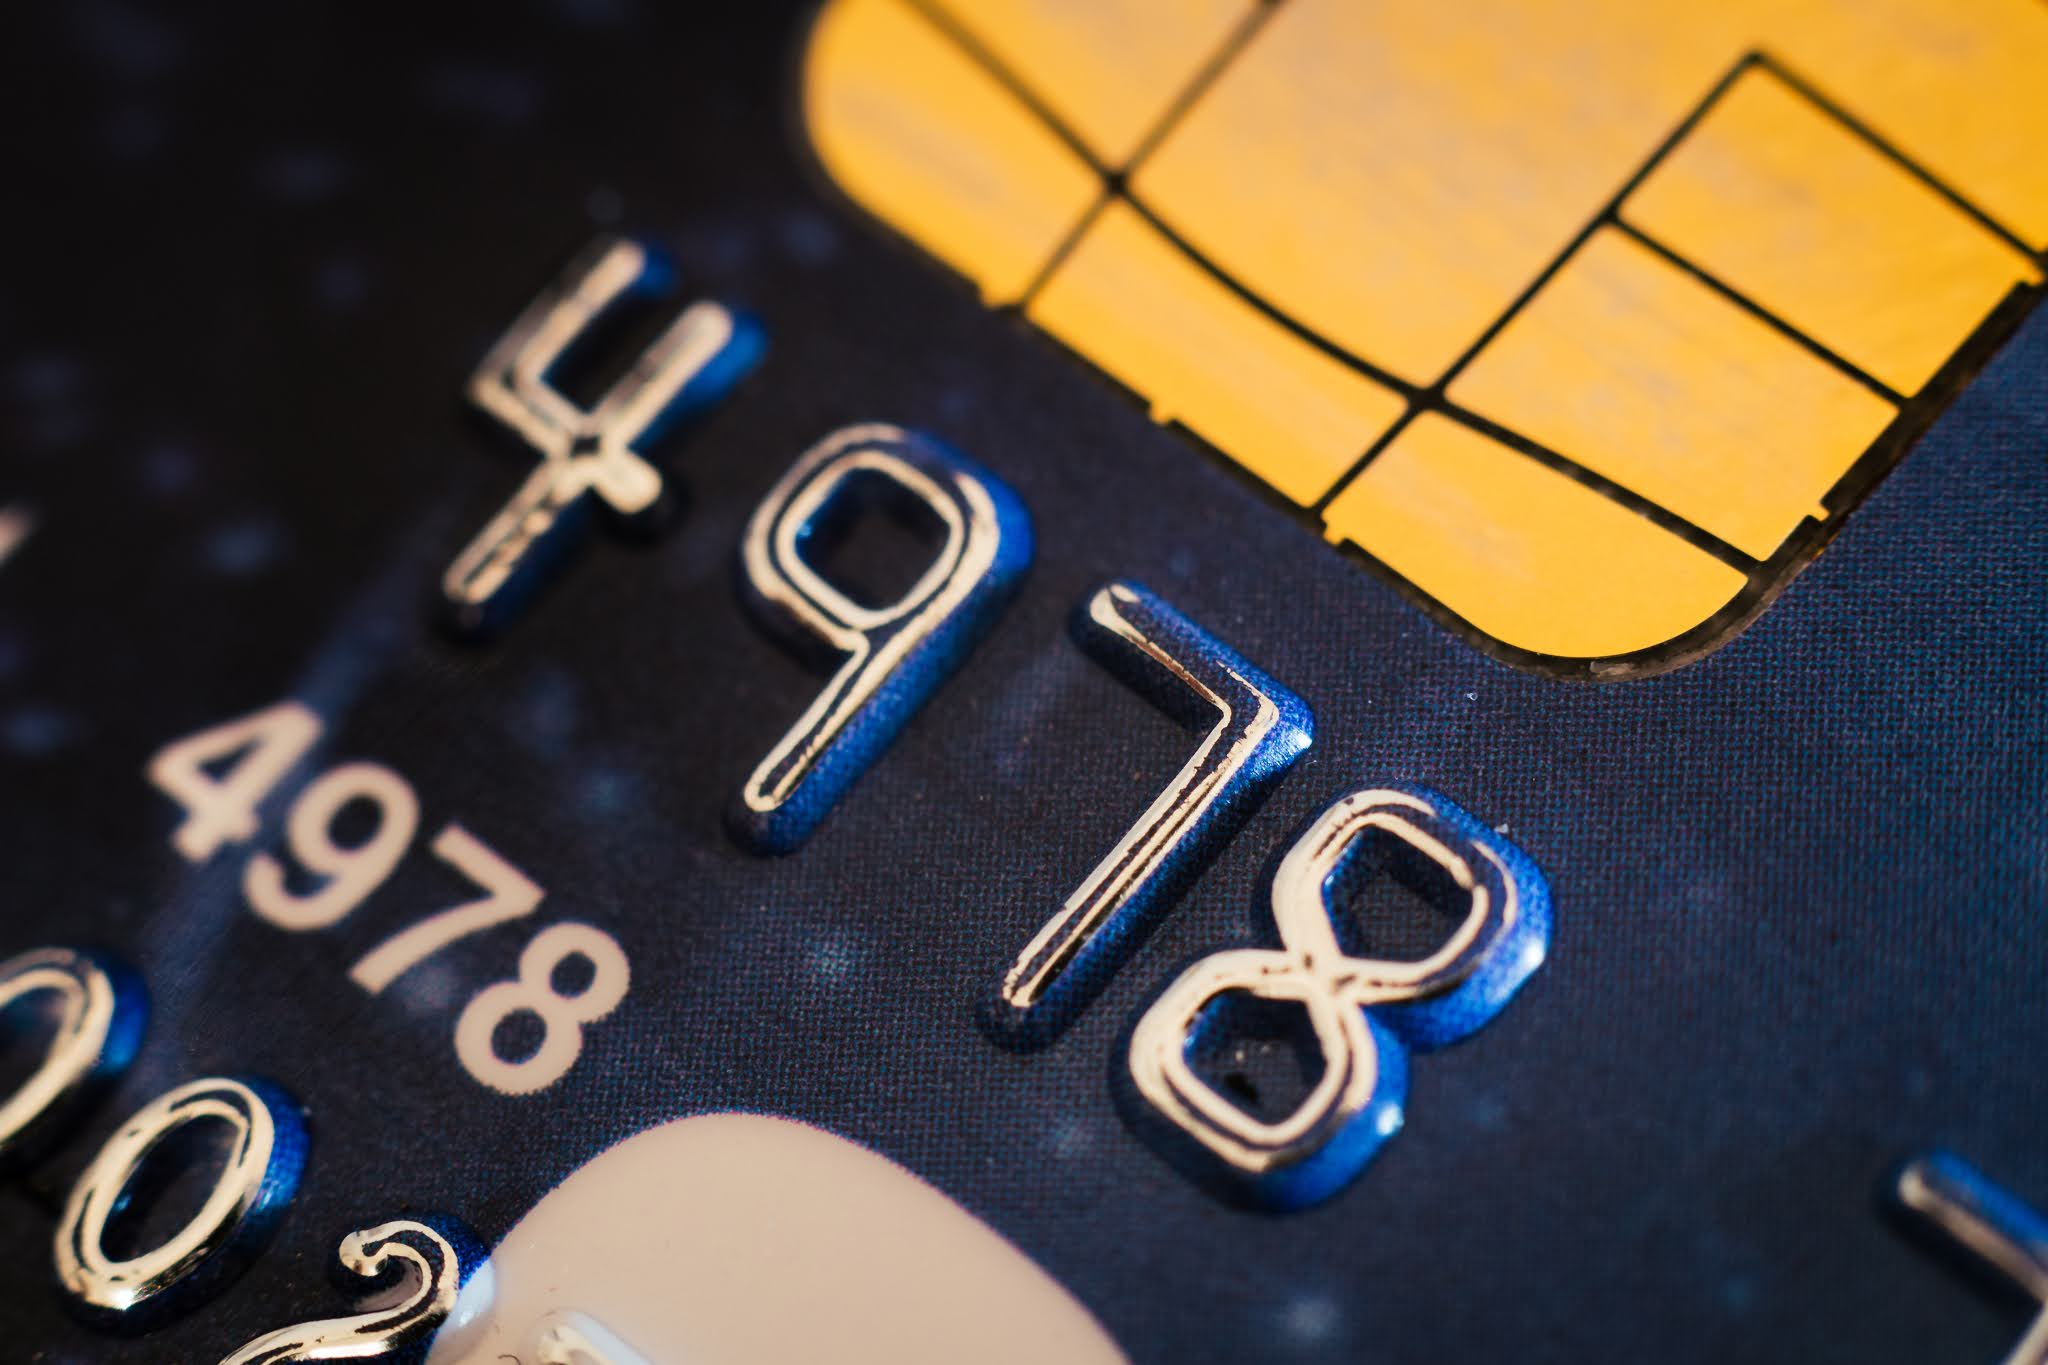 ماستركارد تطلق برامج تكنولوجية جديدة مع المصارف banks الوطنية